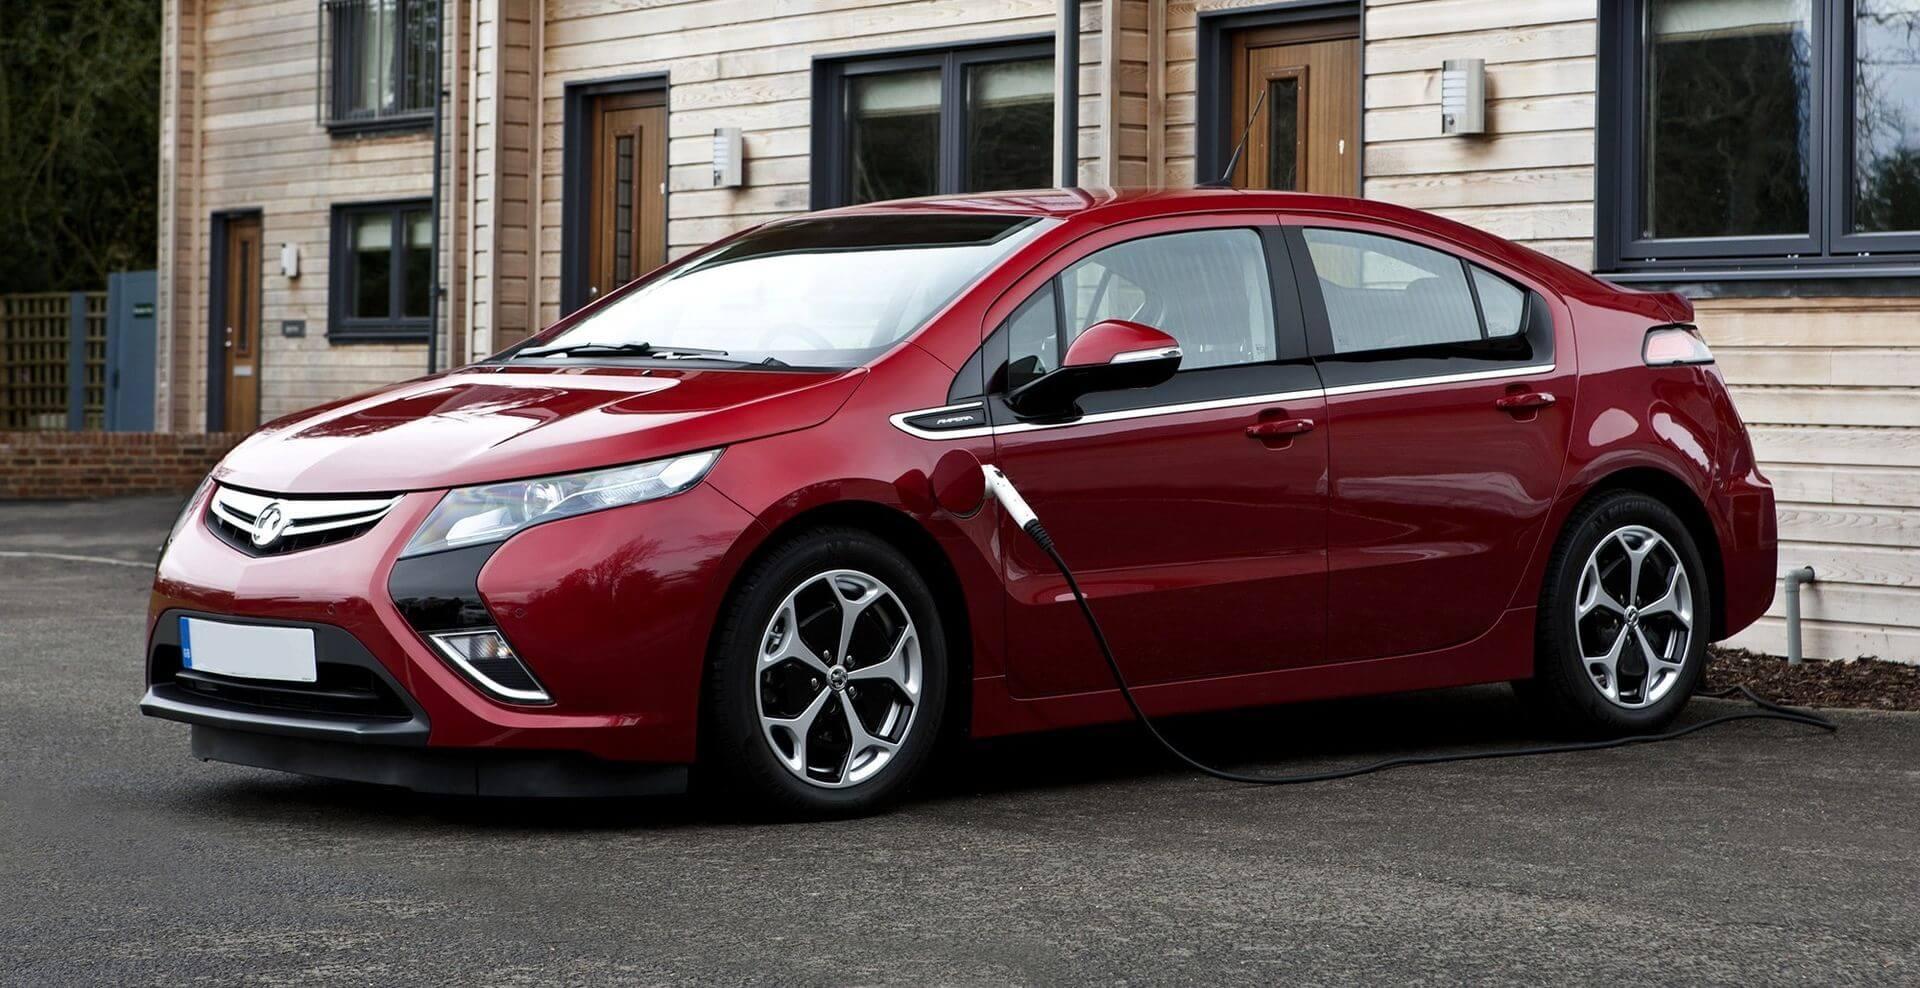 γυαλιστερό κόκκινο αυτοκίνητο παρκαρισμένο έξω από σπίτι φορτίζει σε ιδιωτικό wallbox